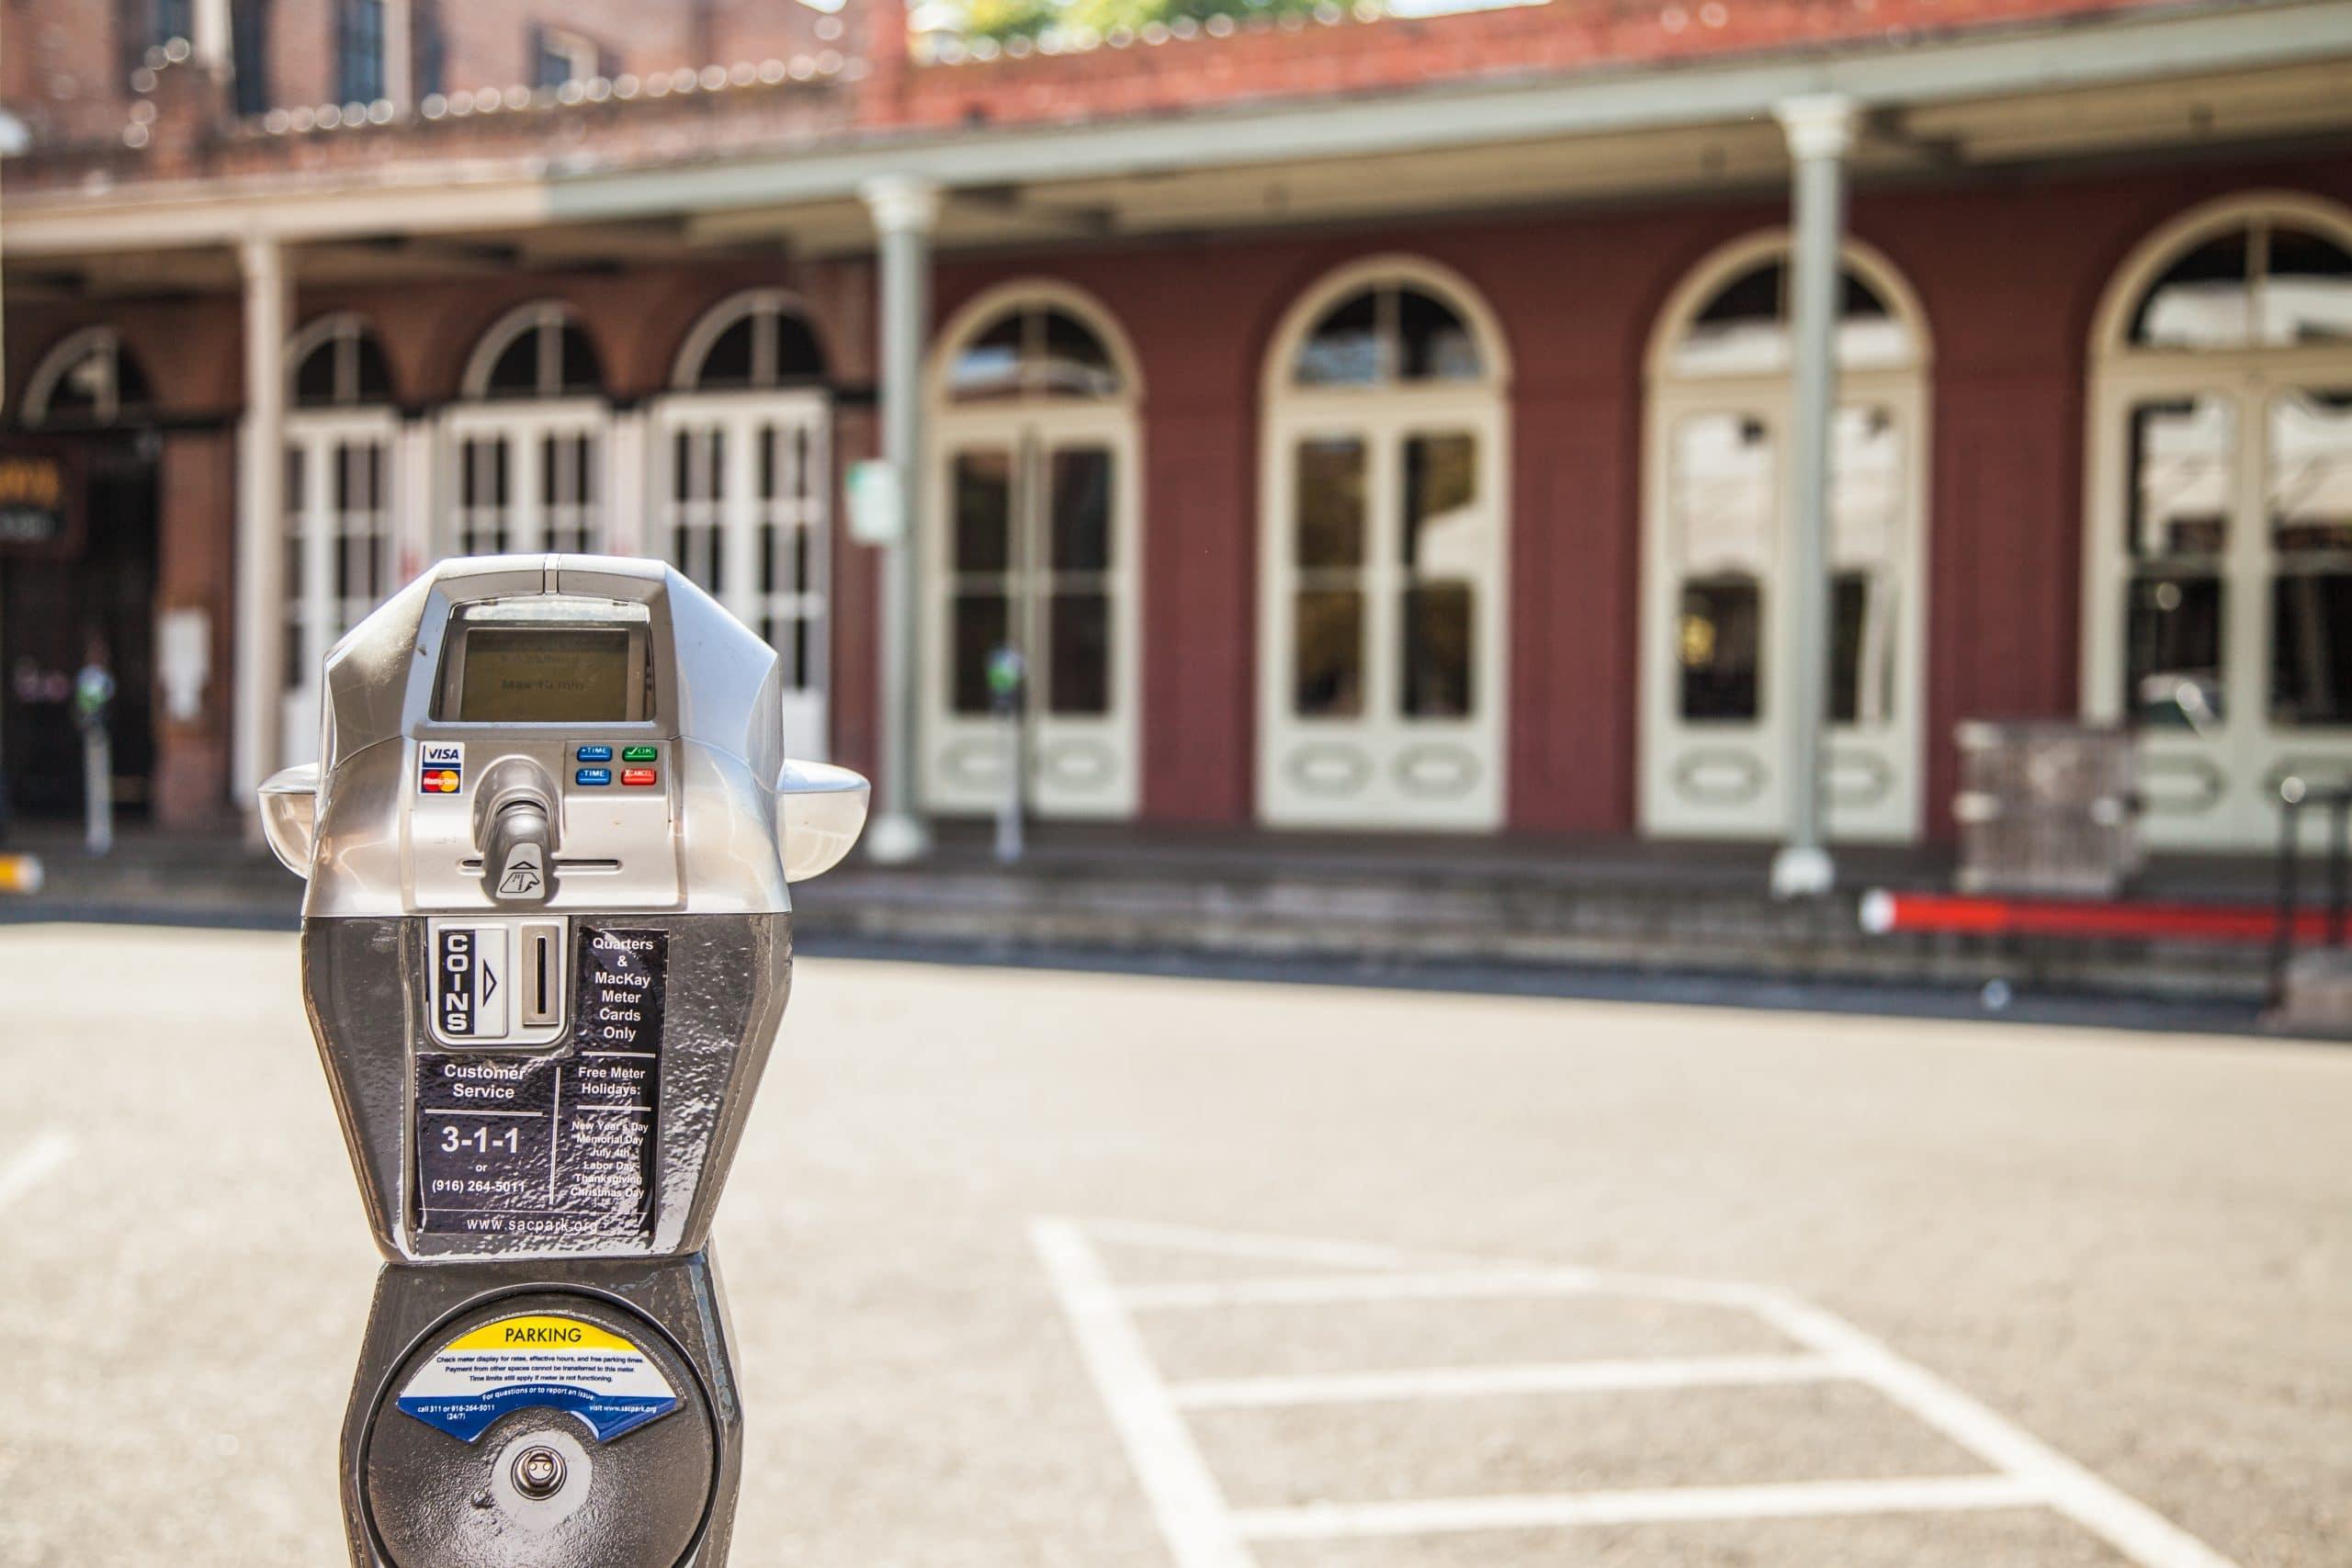 IPS Group Parking Meters